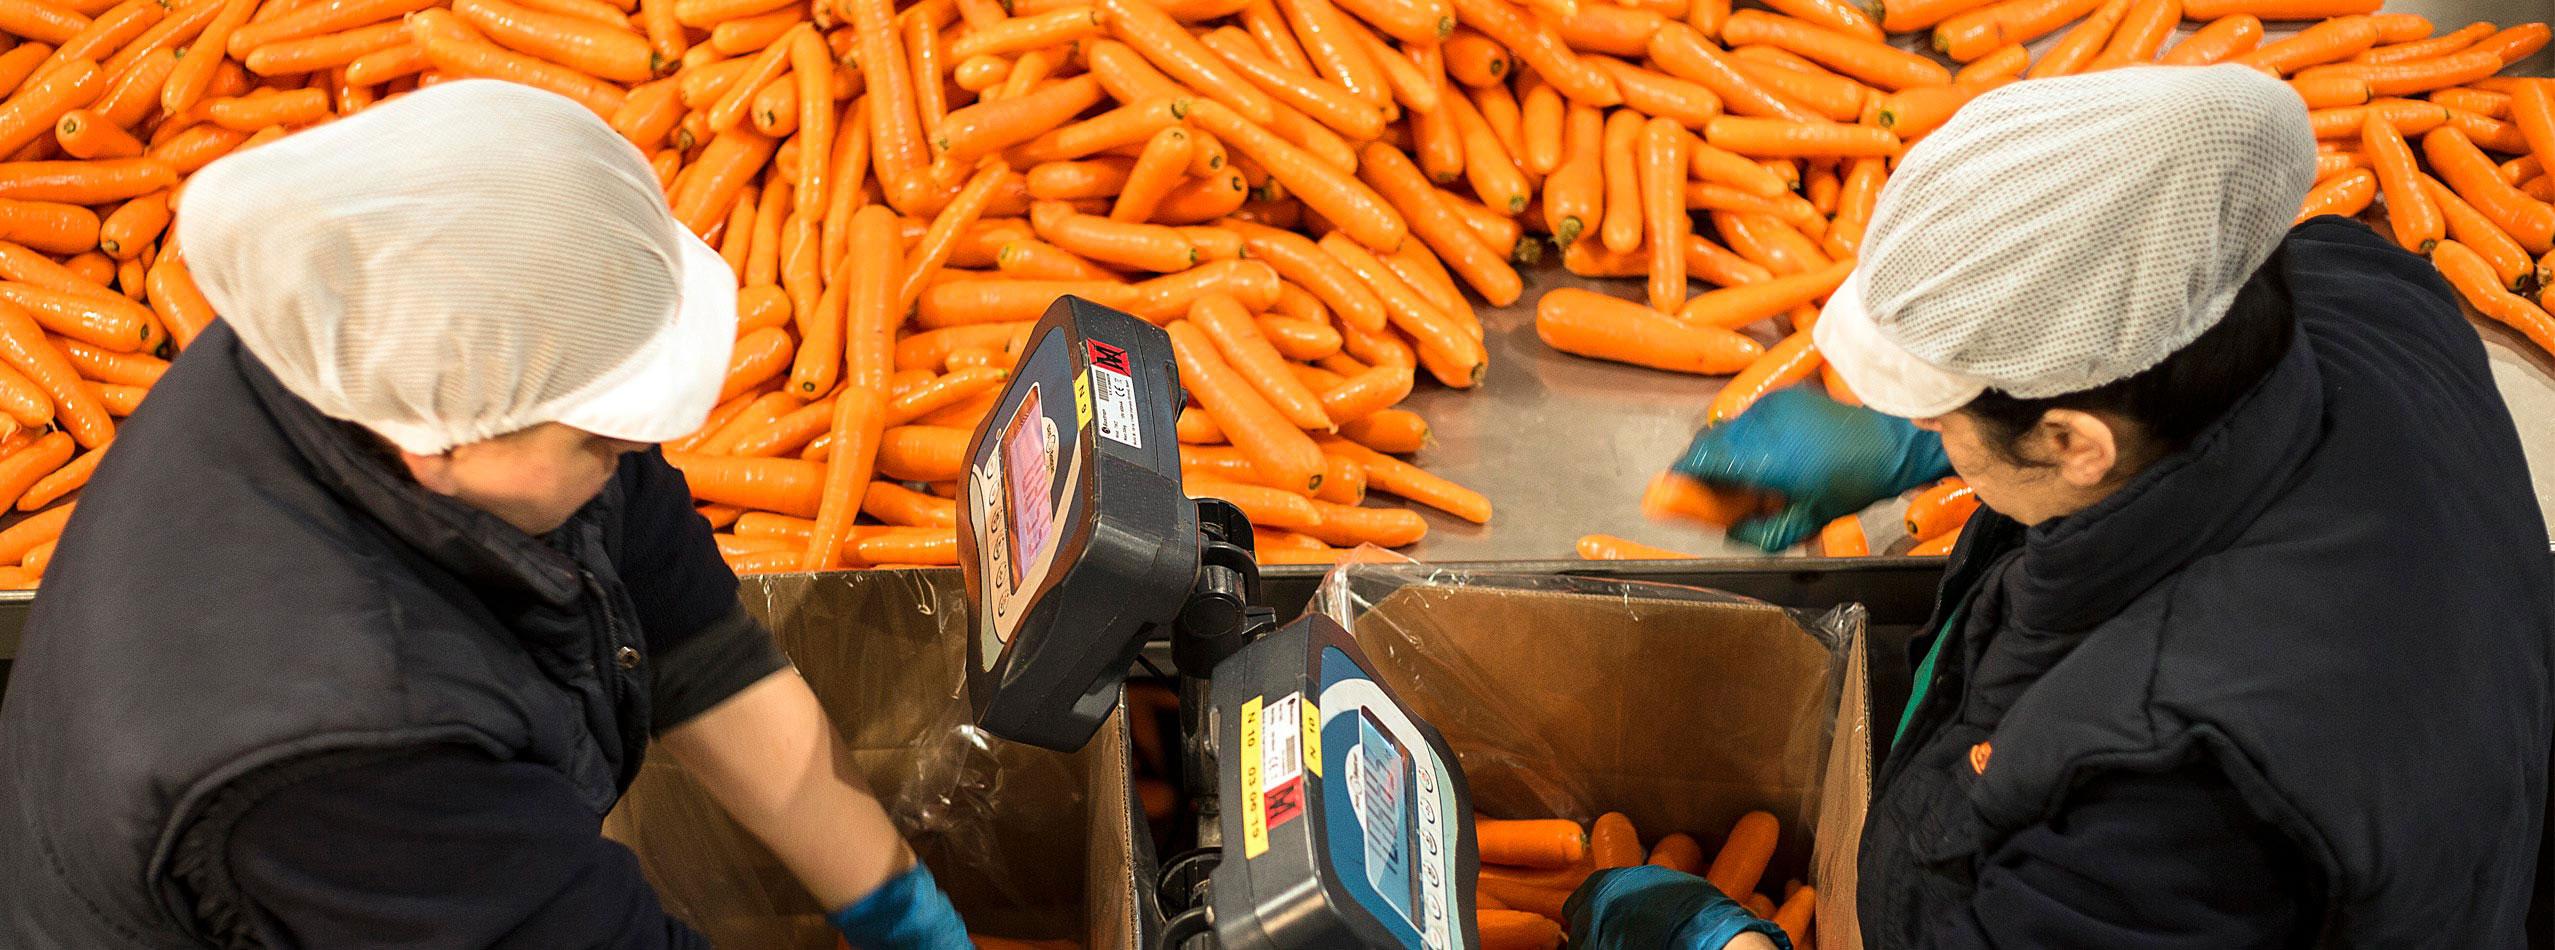 Seleccionamos el calibre de la zanahoria a petición del cliente